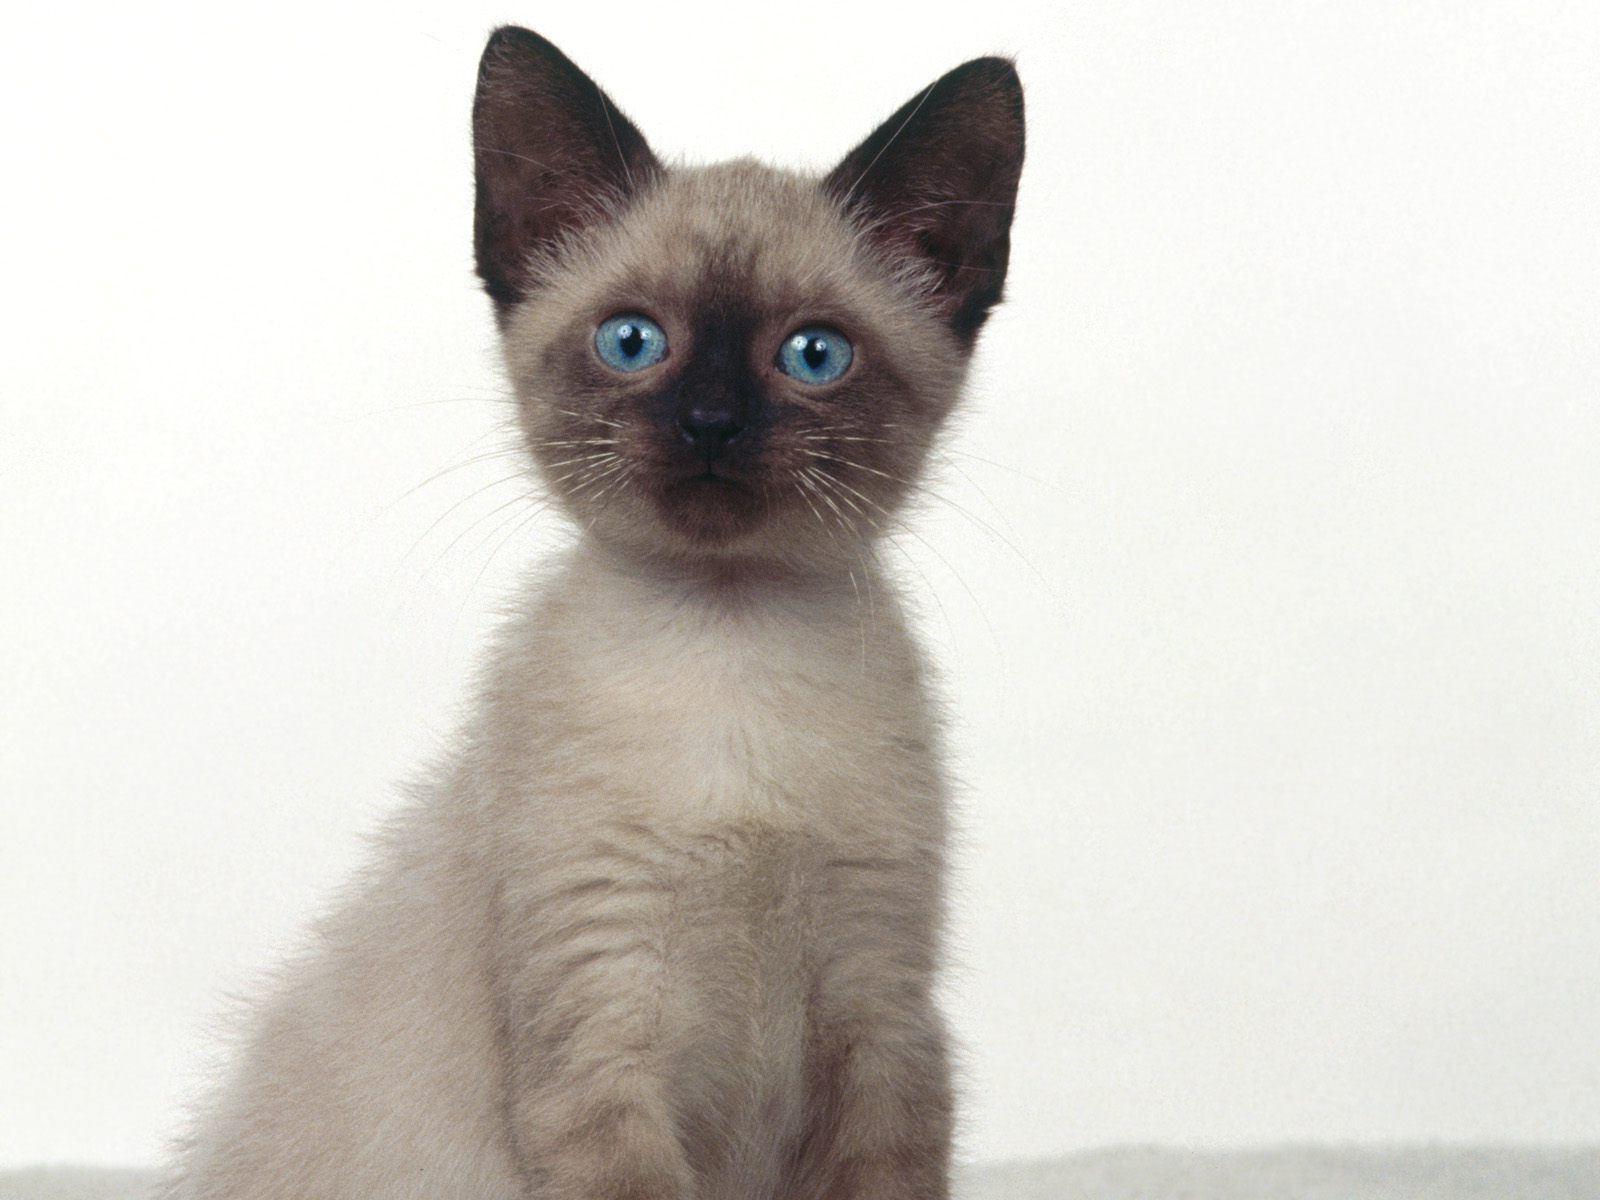 siamese cats wallpaper 3 - photo #1